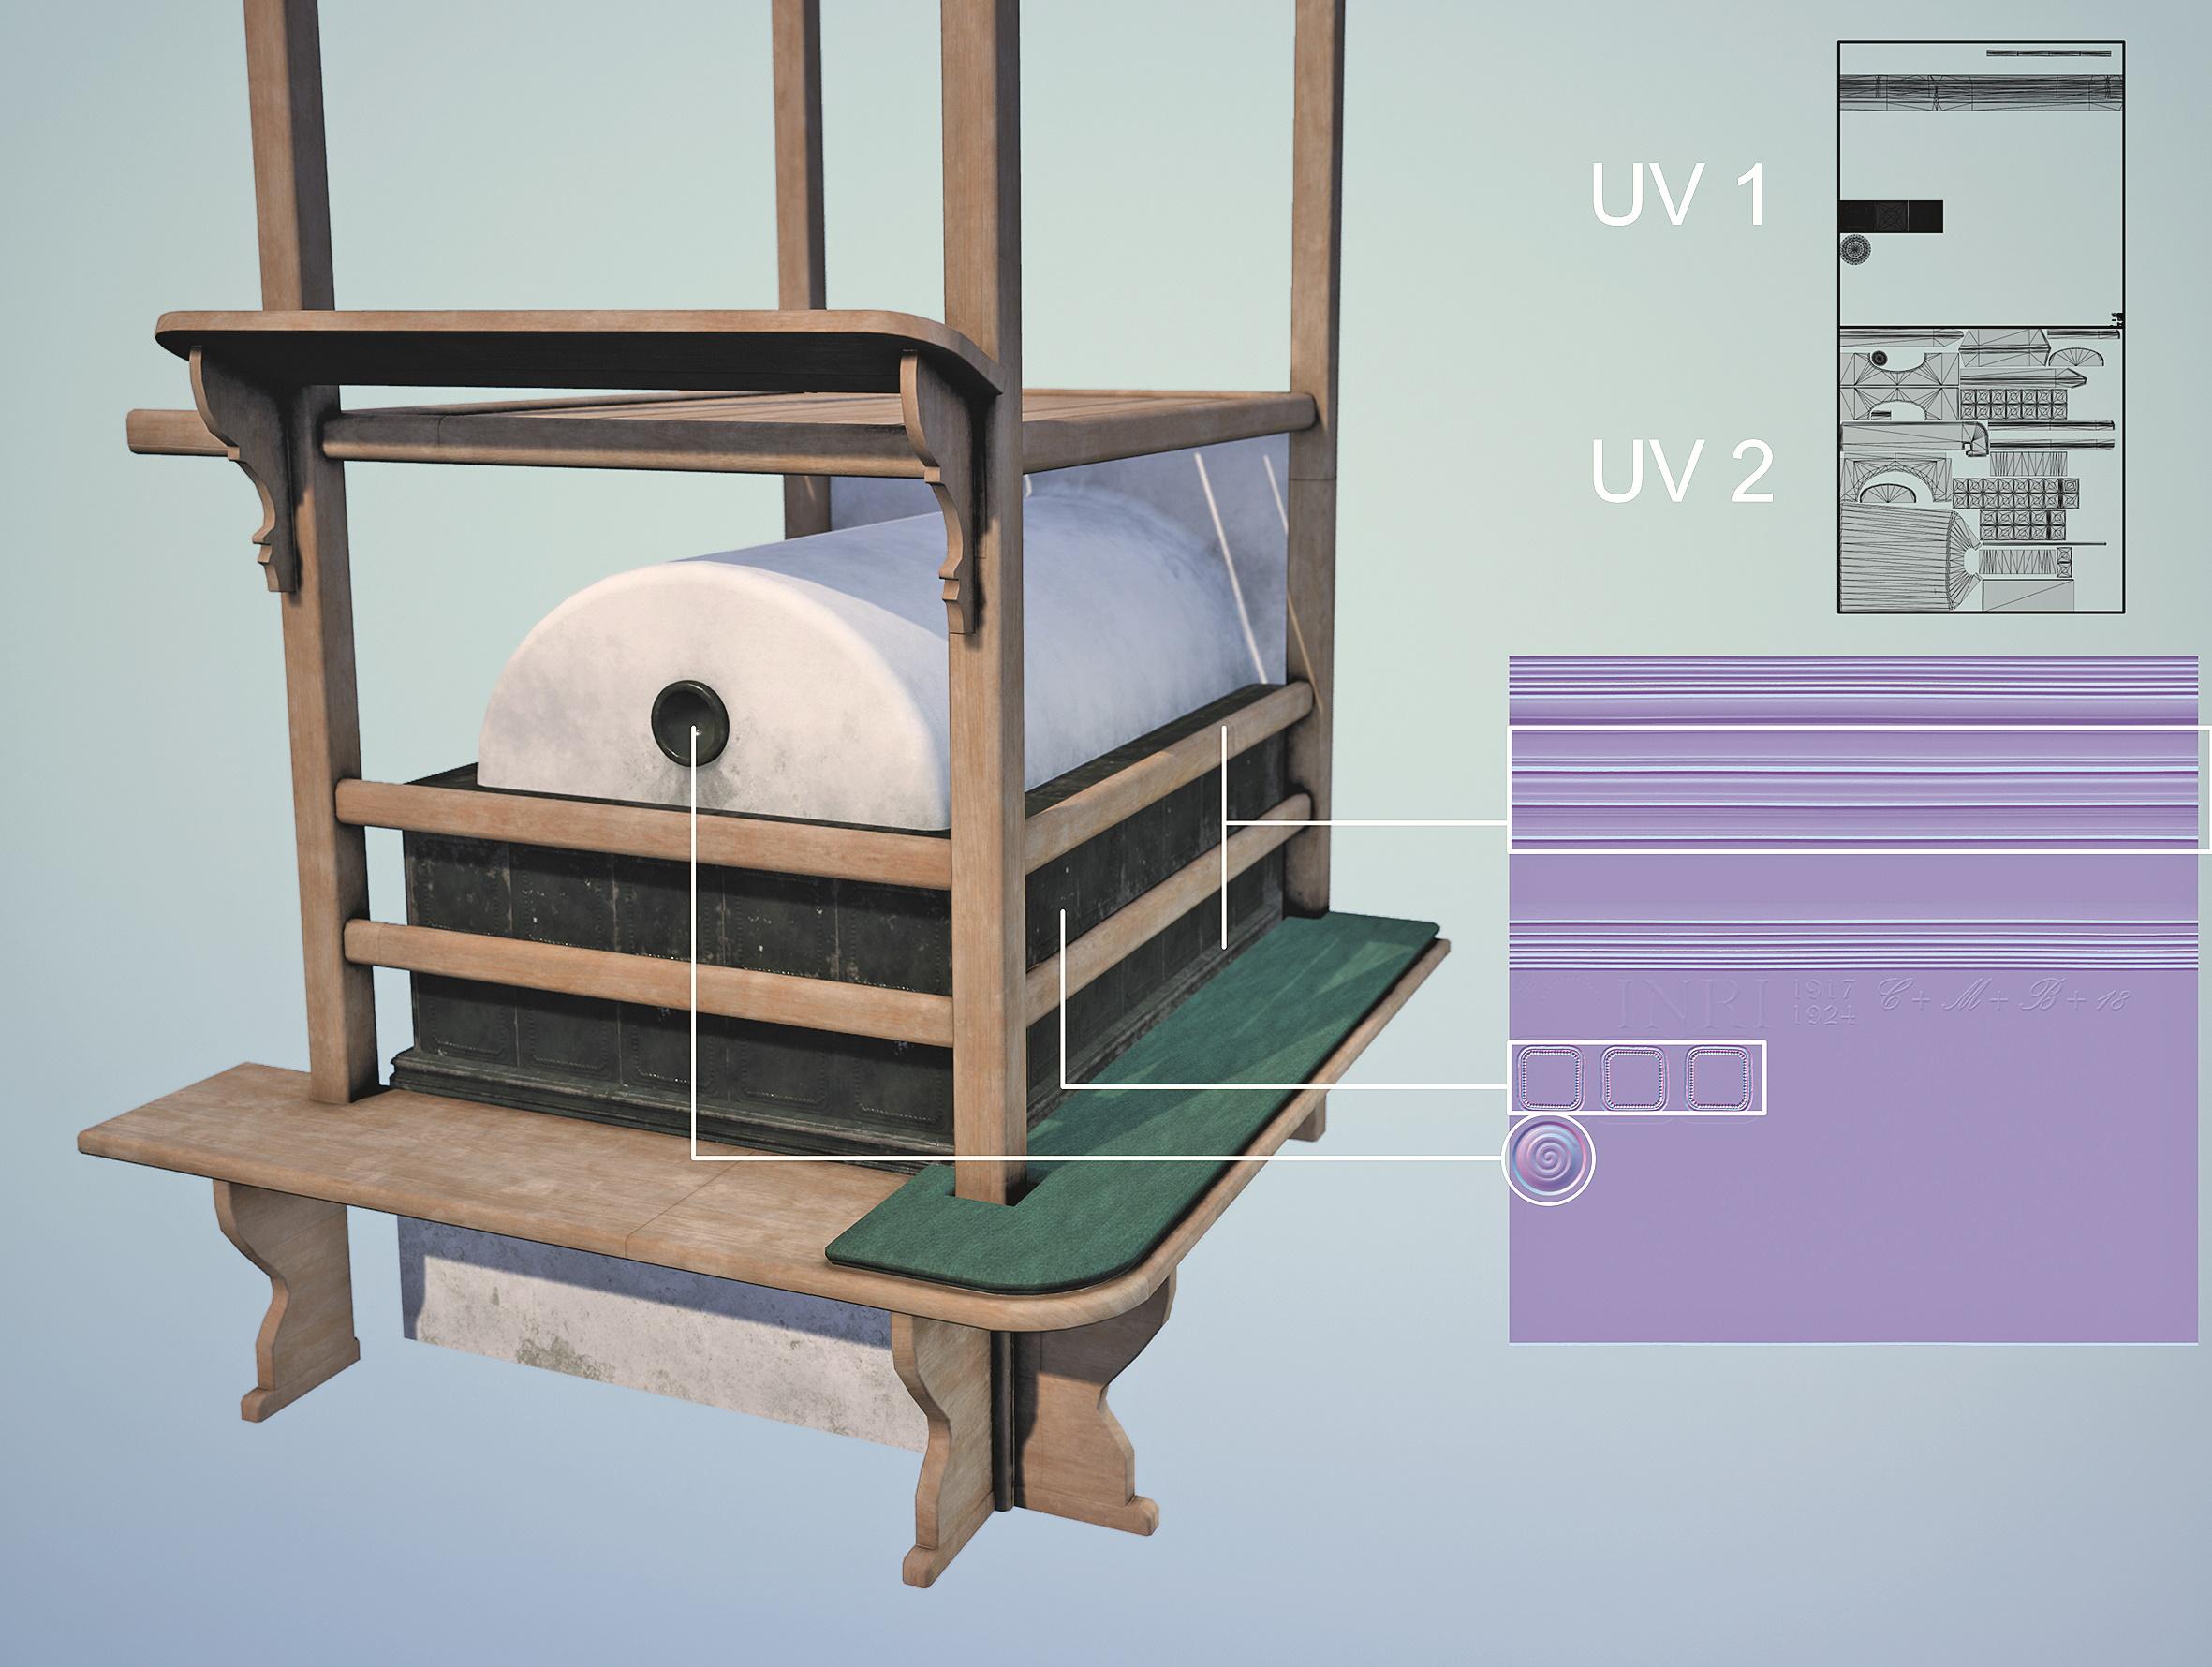 Abb. 12: Wiederverwendbare Trim Sheets auf einem eigenen UV-Set ersetzen objektspezifische Normal Maps.